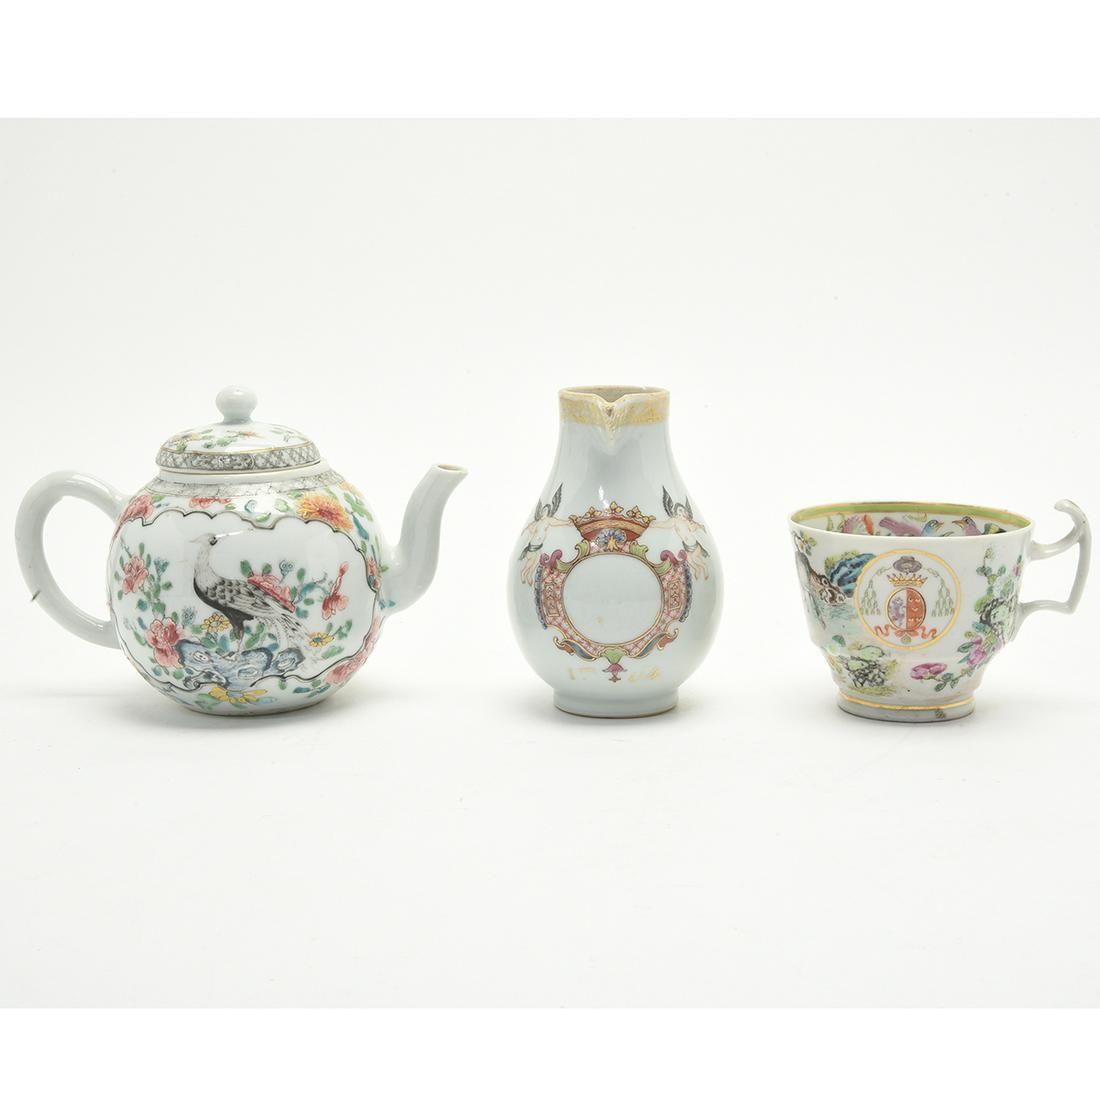 Three Chinese Export Teapot & Creamer